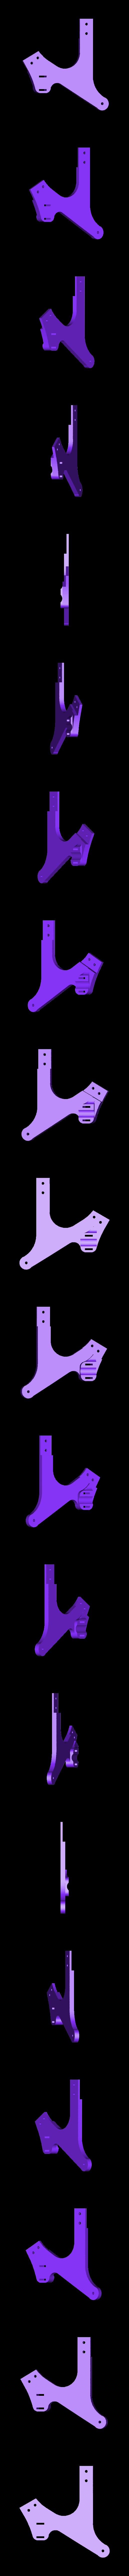 0.stl Télécharger fichier STL gratuit Lit d'impression Prusa I3 XL • Plan pour impression 3D, indigo4